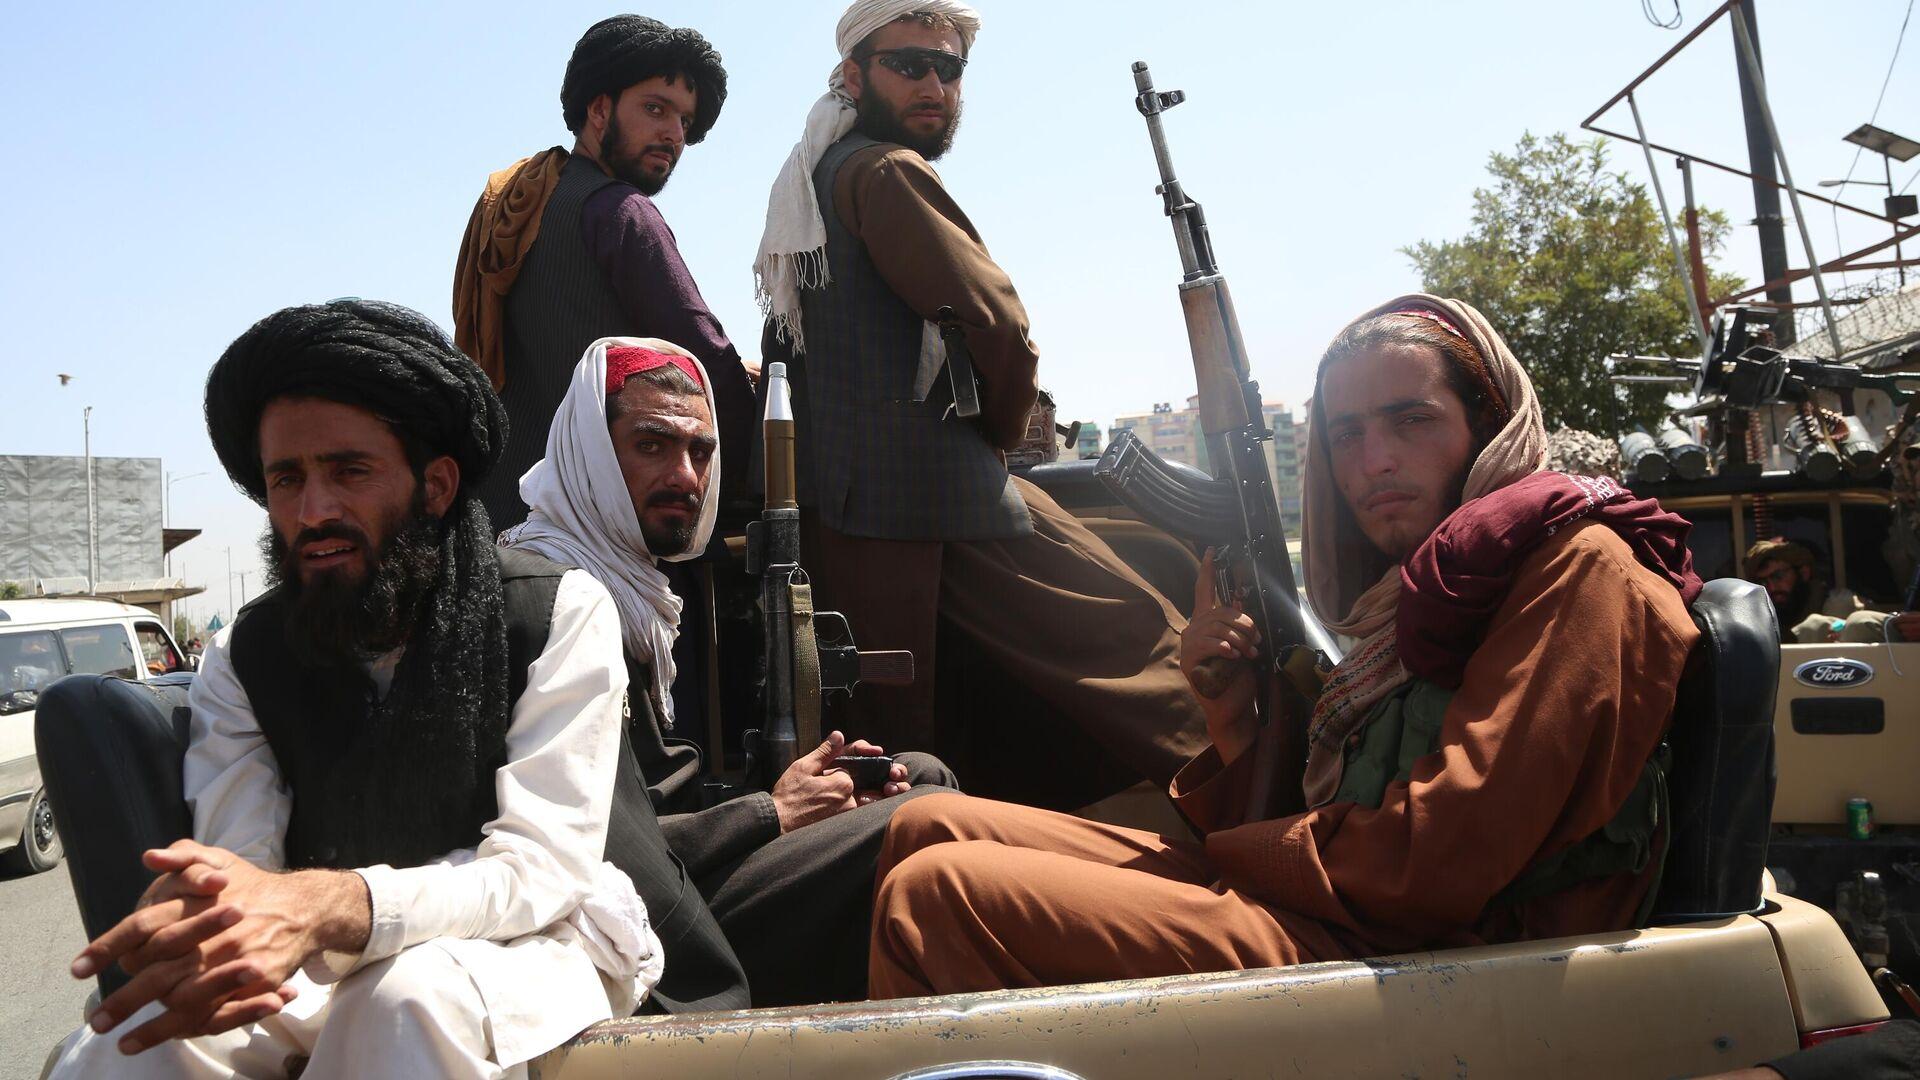 Боевики движения Талибан (террористическая организация, запрещена в России) в Кабуле - Sputnik Тоҷикистон, 1920, 29.08.2021